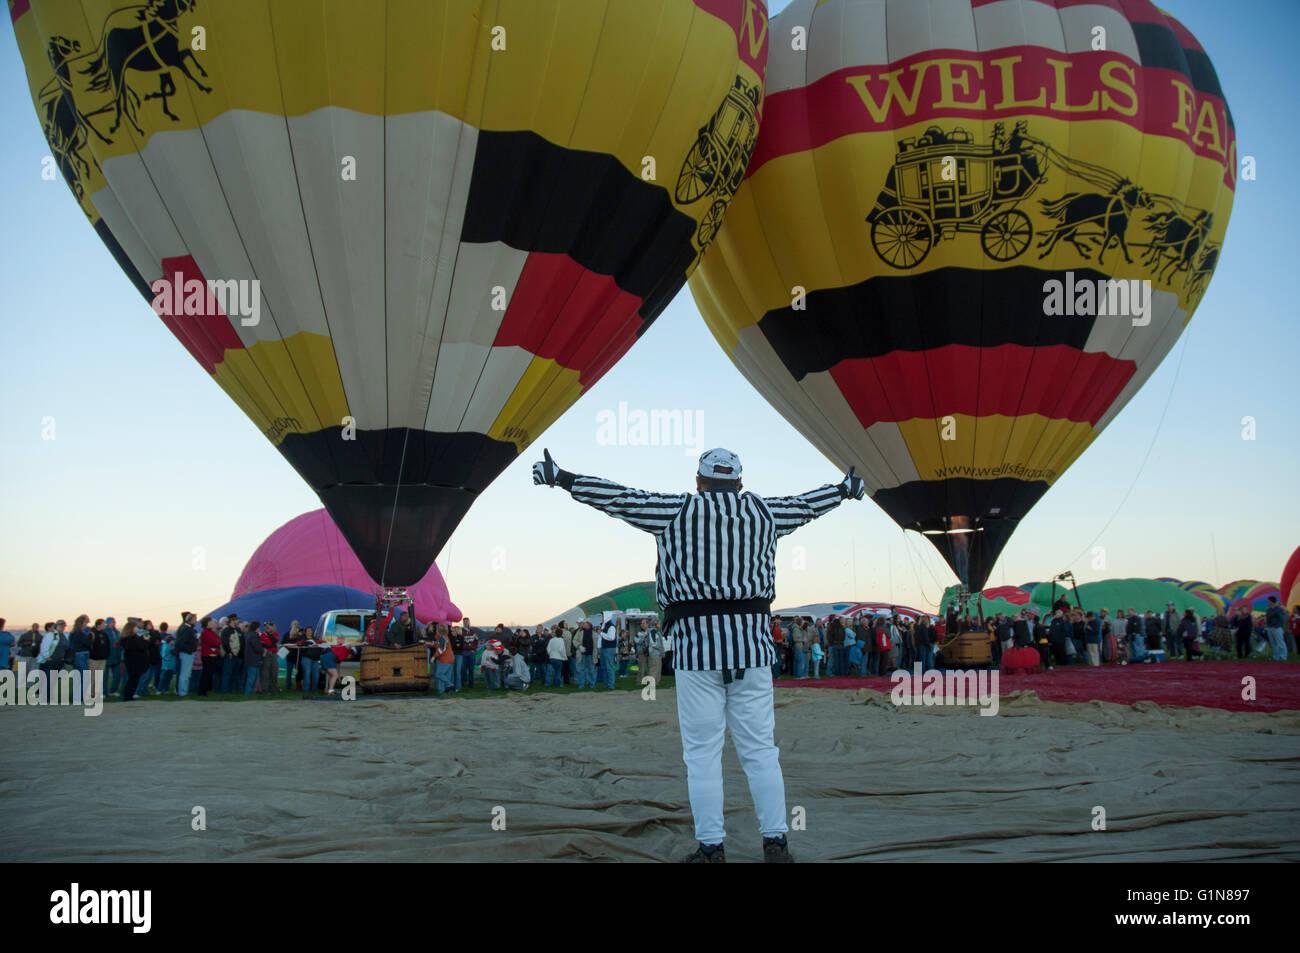 I palloni ad aria calda a Balloon Fiesta di Albuquerque nel New Mexico, U.S. Foto Stock